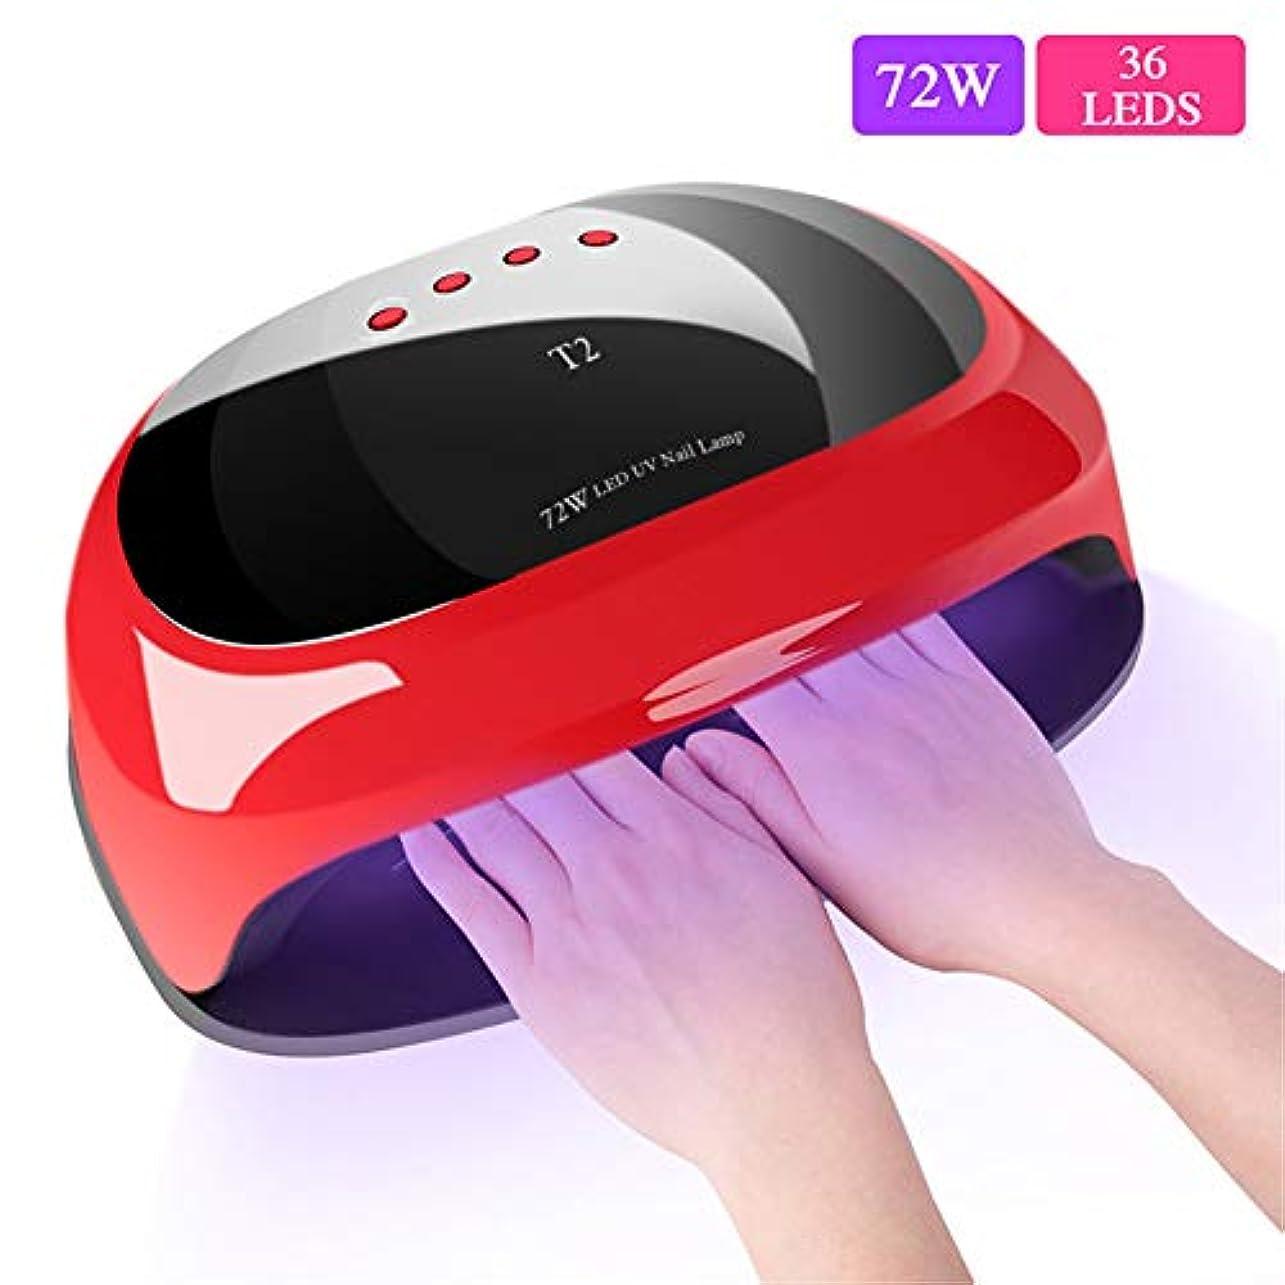 アイスクリームオーガニックダースネイルドライヤー用72W UV LEDランプマニキュアアート用サンライトランプすべてのジェルネイルポリッシュネイルアートツール用スマートLCDディスプレイ